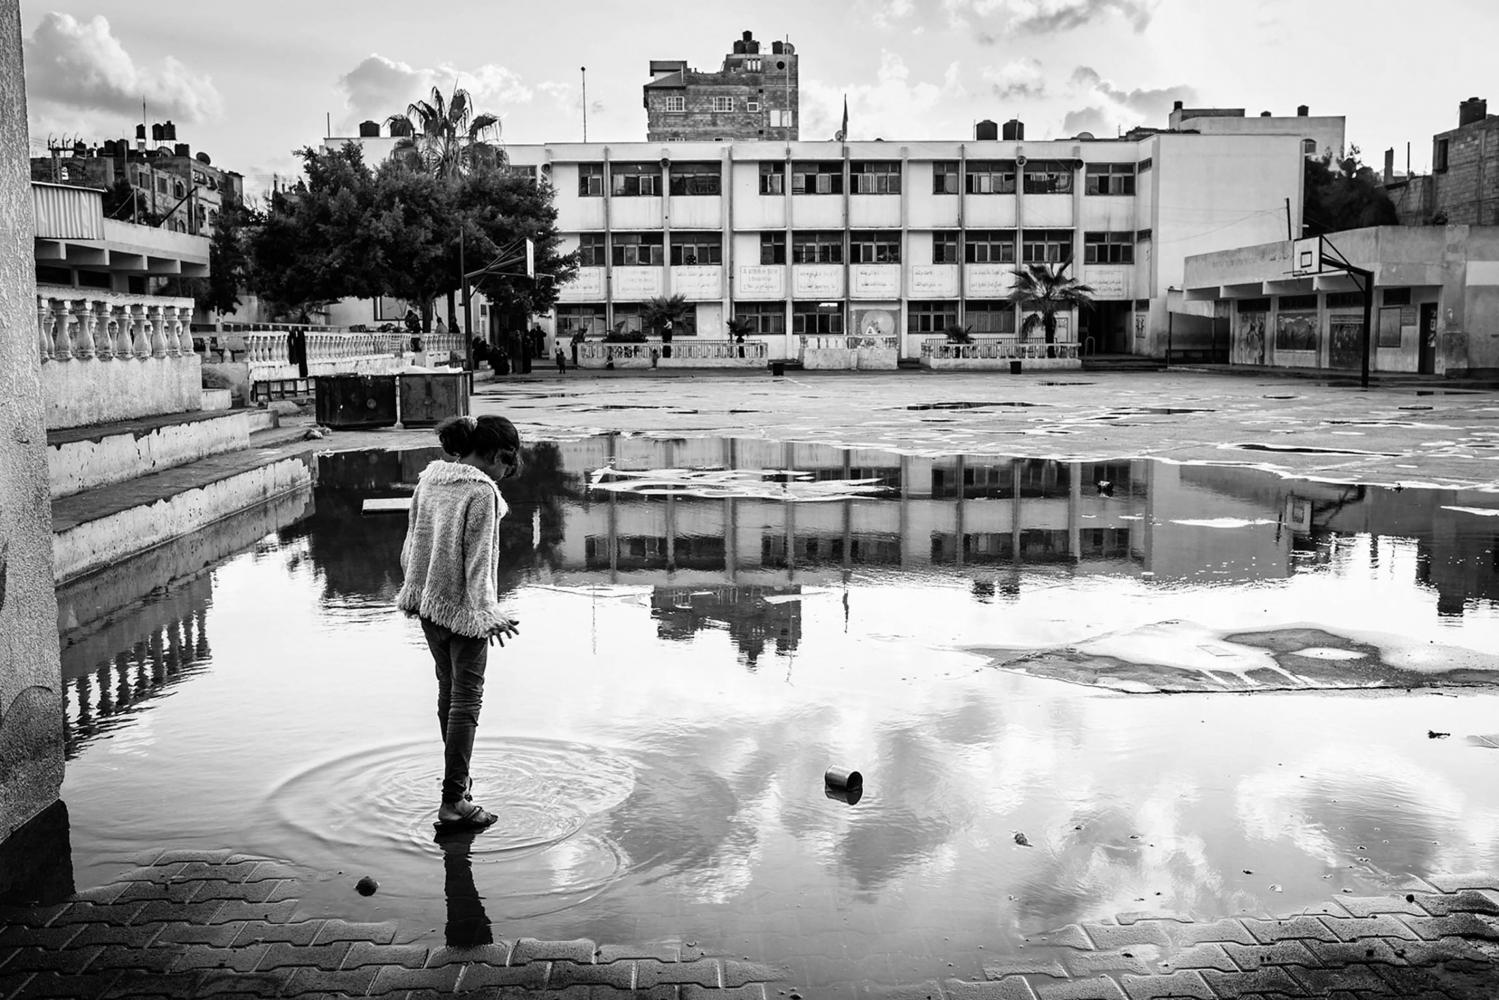 Gaza, Beach Camp : Dalia Alsabagh, 10 ans, marche dans de l'eau de la cour de l'école de l'UNRWA,où elle vit avec sa famille, après que de fortes pluies soient tombées sur Gaza. 04/11/14